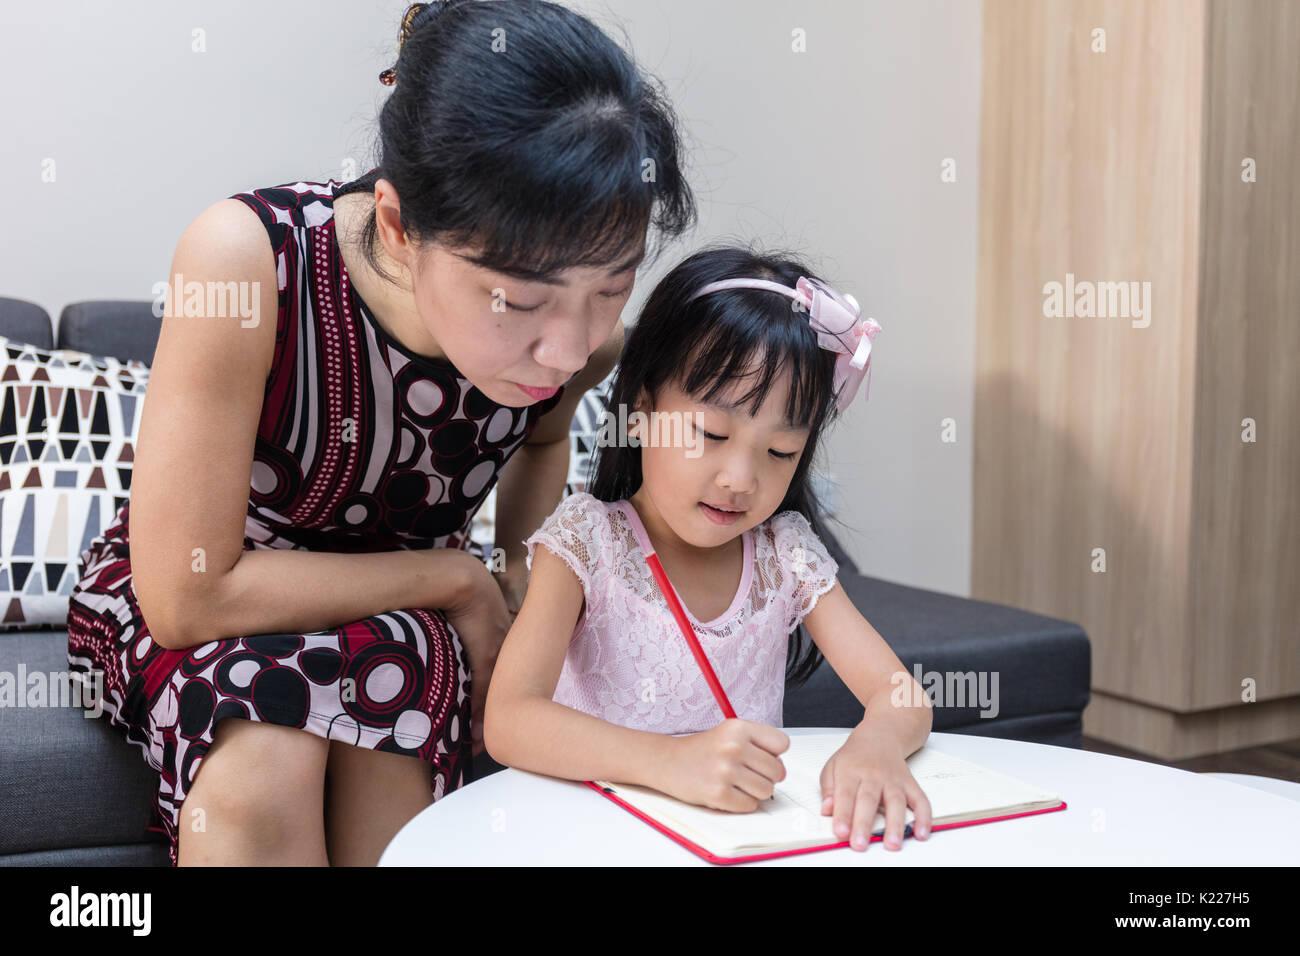 Asiatische chinesische Mutter lehre Tochter Hausaufgaben zu Hause Stockbild